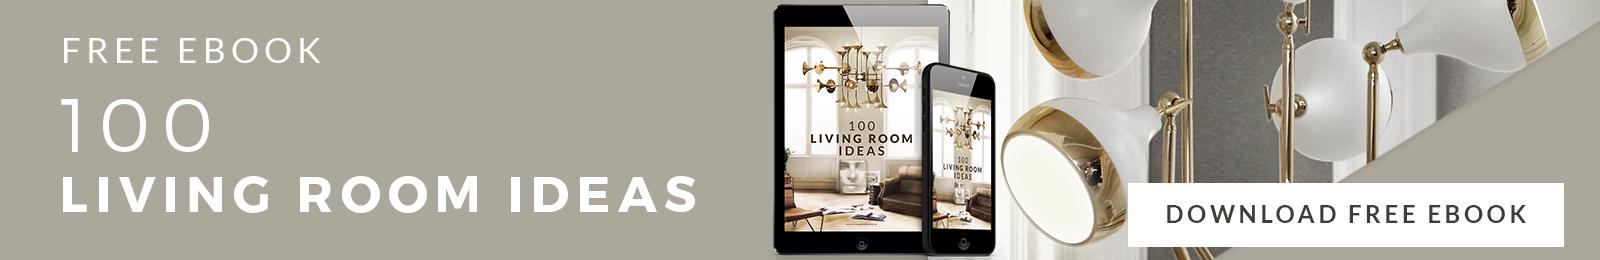 Кристофер Даффи Откройте для себя невероятные столики от Кристофера Даффи 100 living room ideas blog living room ideas 1